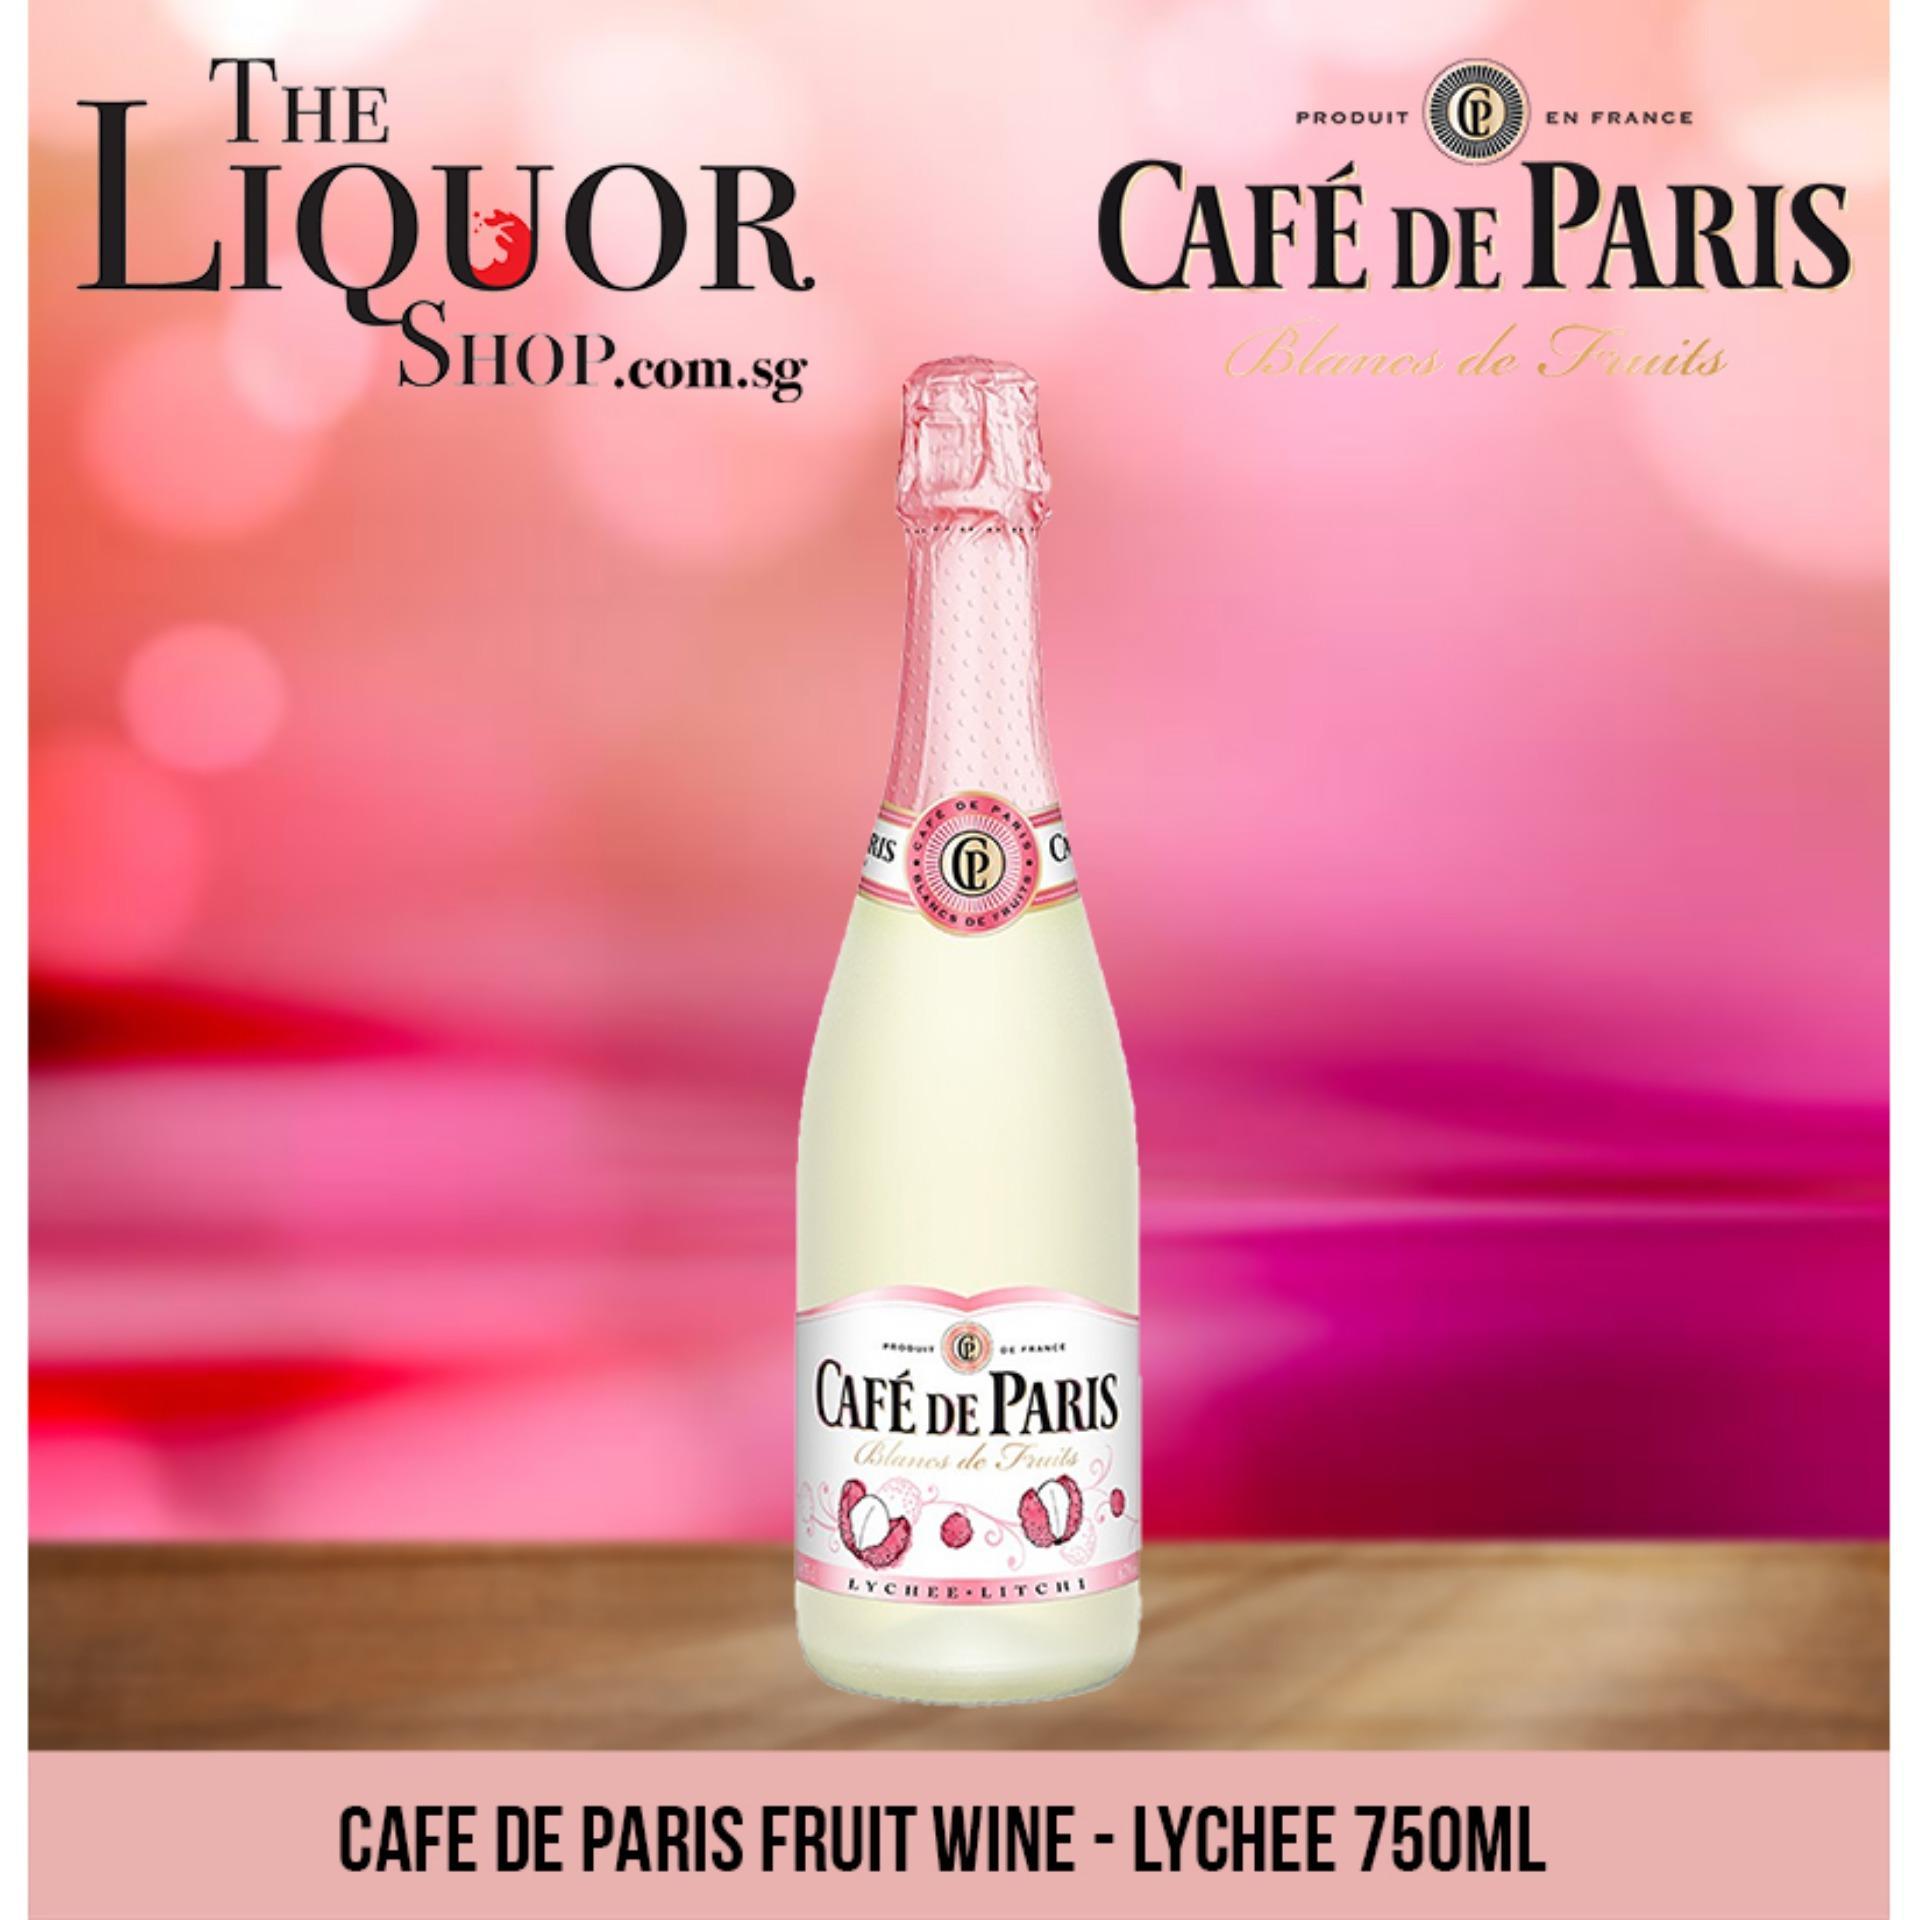 Cafe De Paris Fruit Wine - Lychee 750ml By The Liquor Shop.